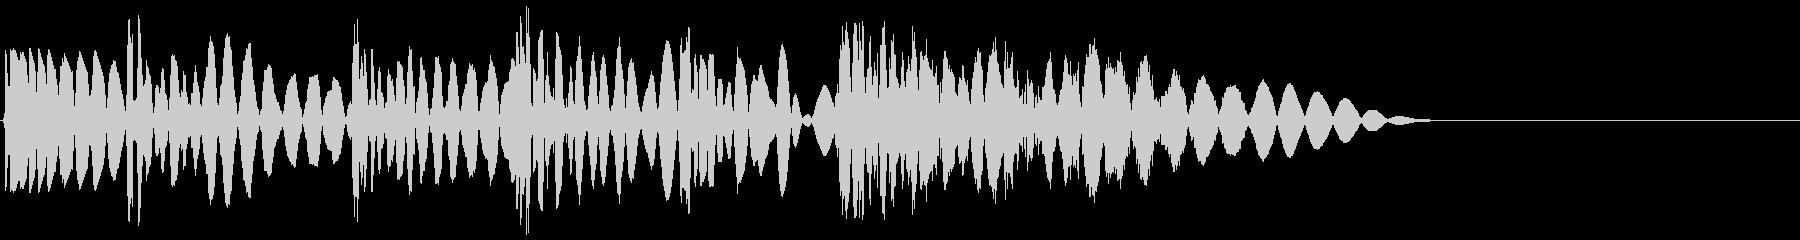 ボコボコビシッ(ラッシュ攻撃)の未再生の波形